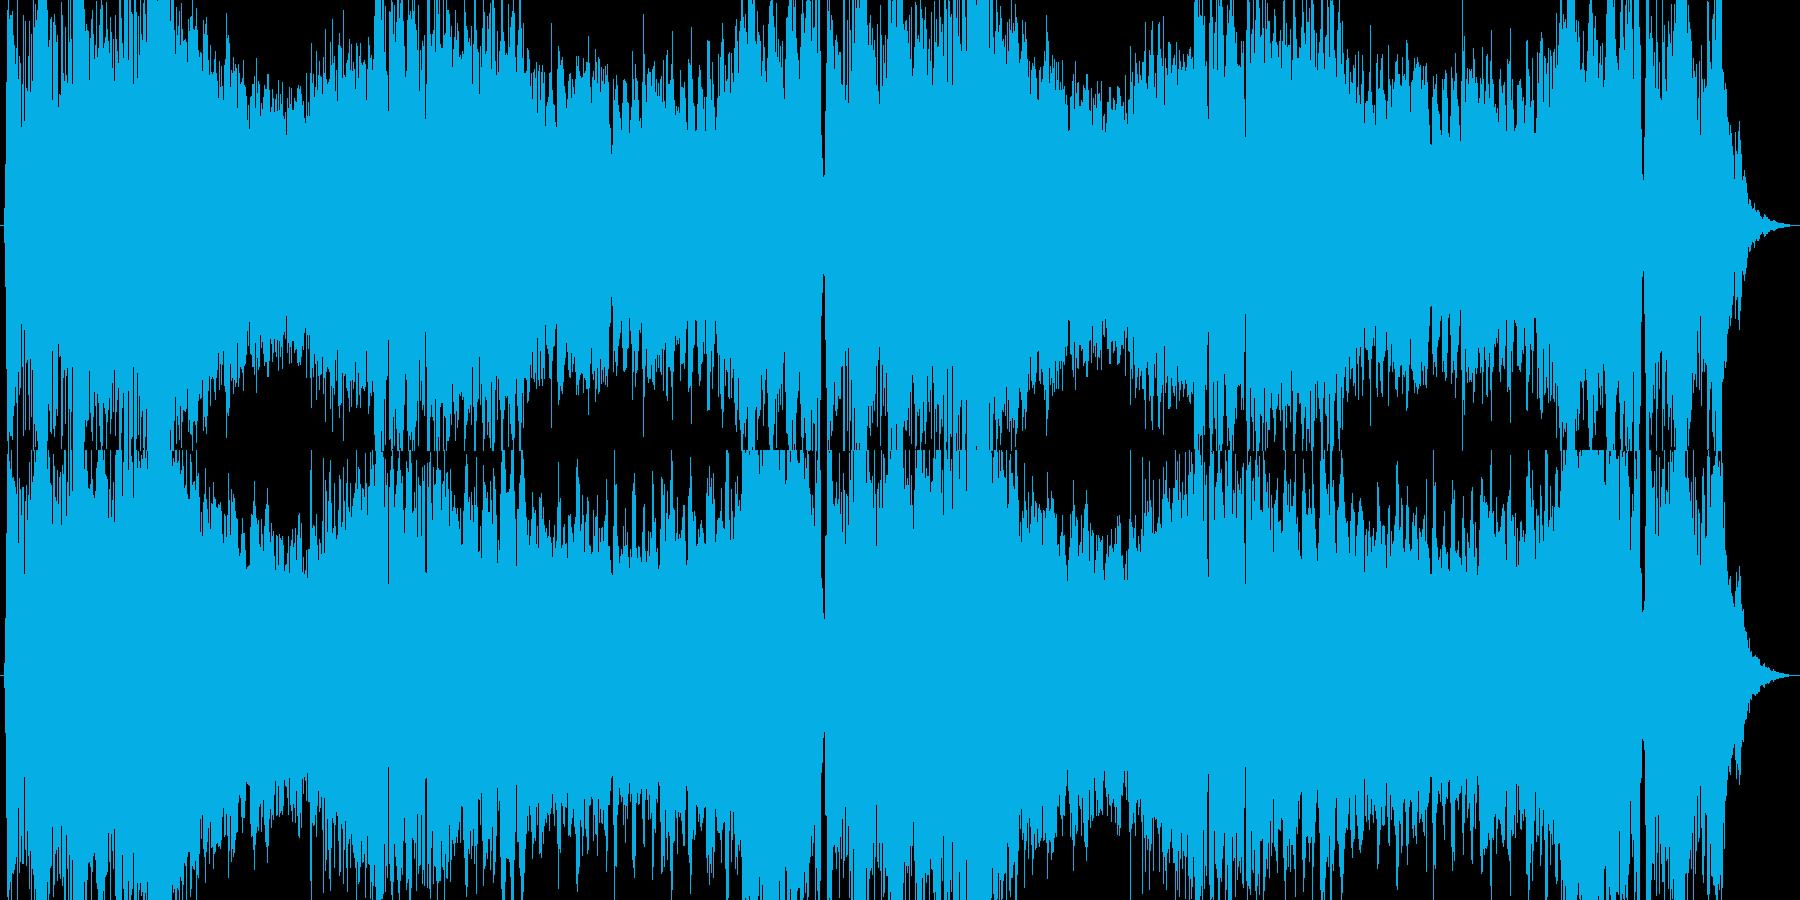 王宮を表現したオーケストラ調の明るい楽曲の再生済みの波形